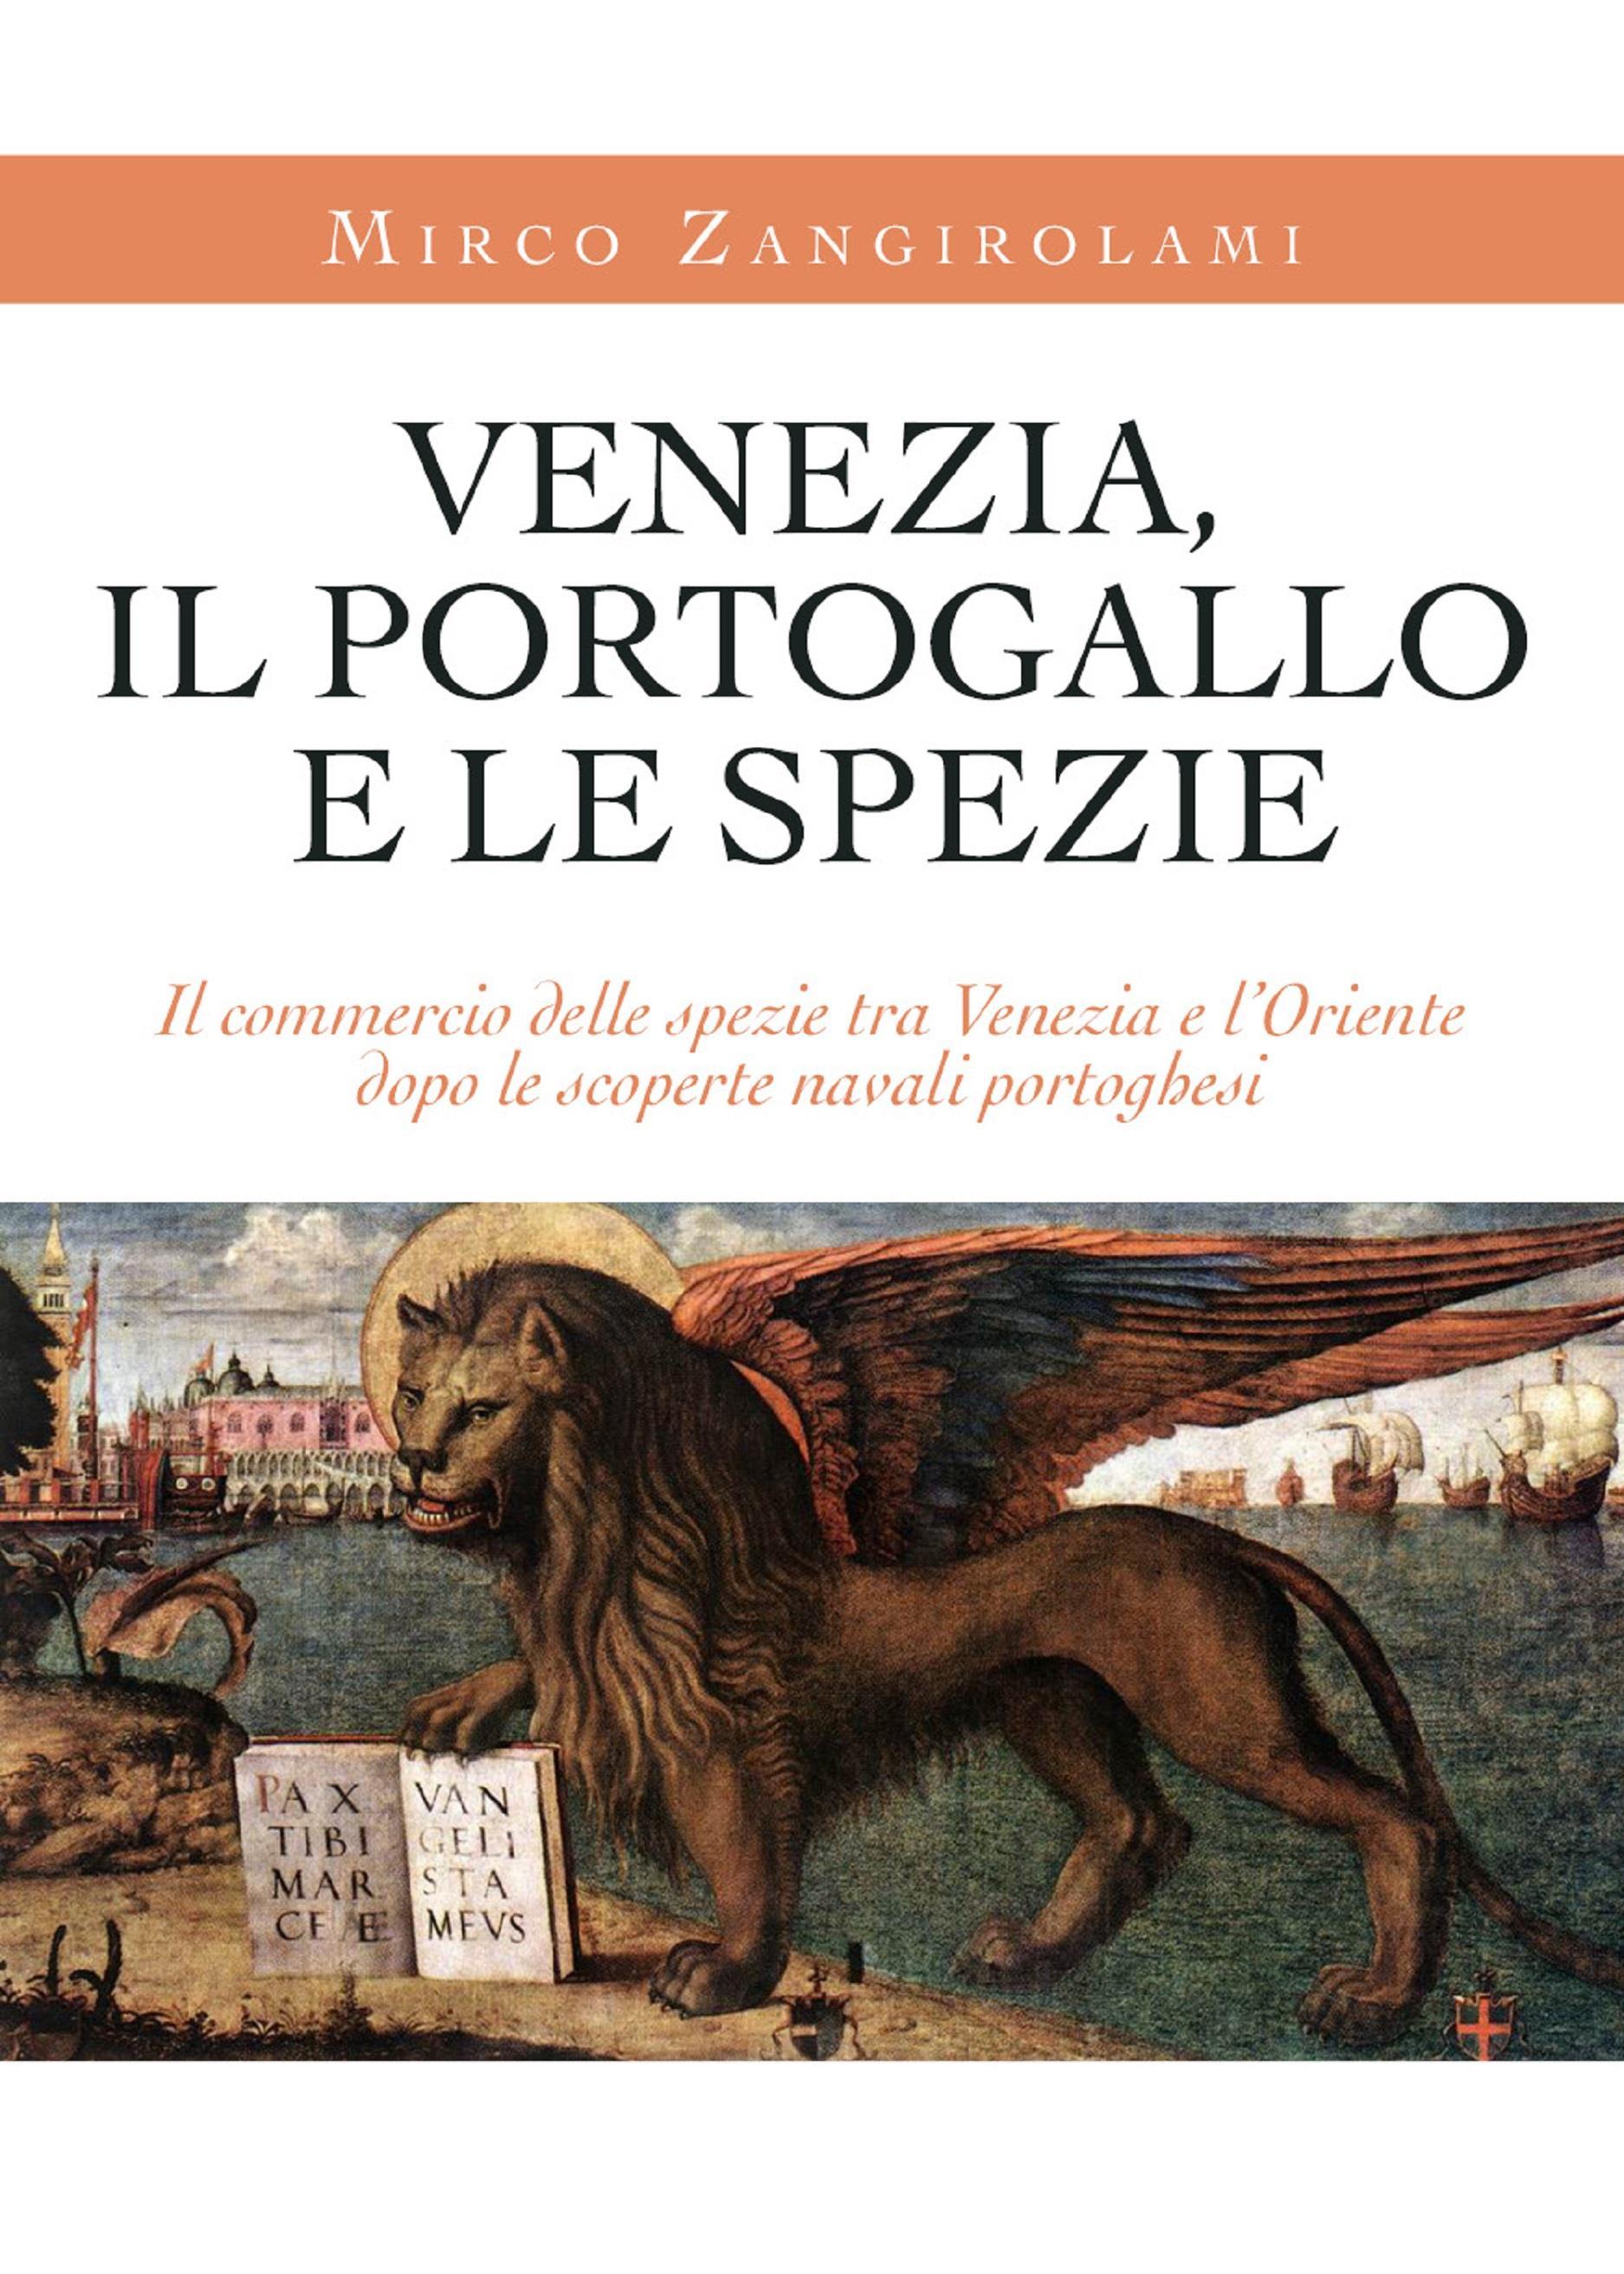 Venezia, il Portogallo e le spezie